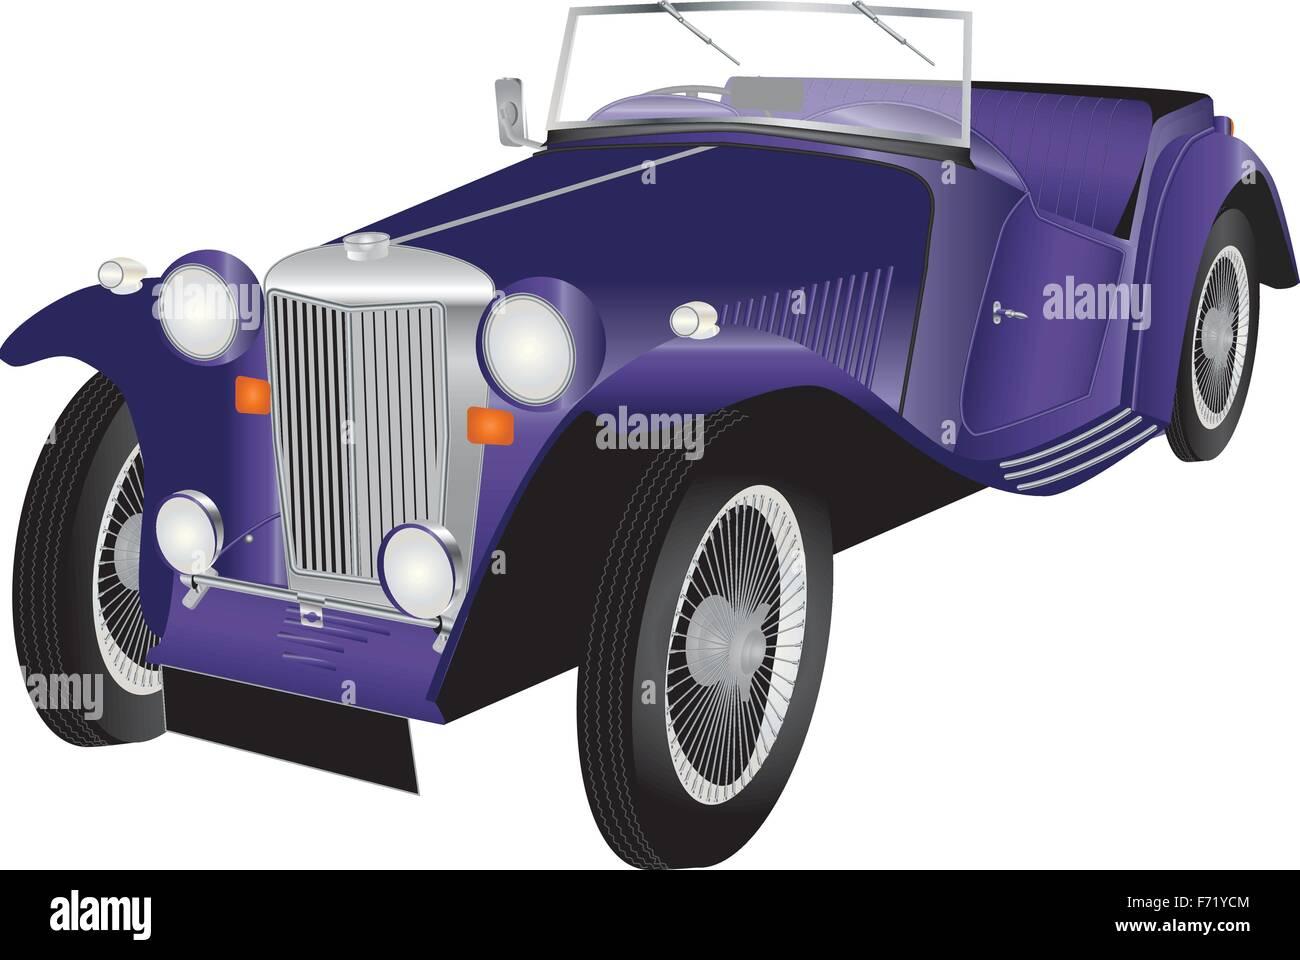 Eine detaillierte Darstellung der lila Vintage Sportwagen mit verchromten Armaturen und Draht Speichen Reifen isoliert Stockbild